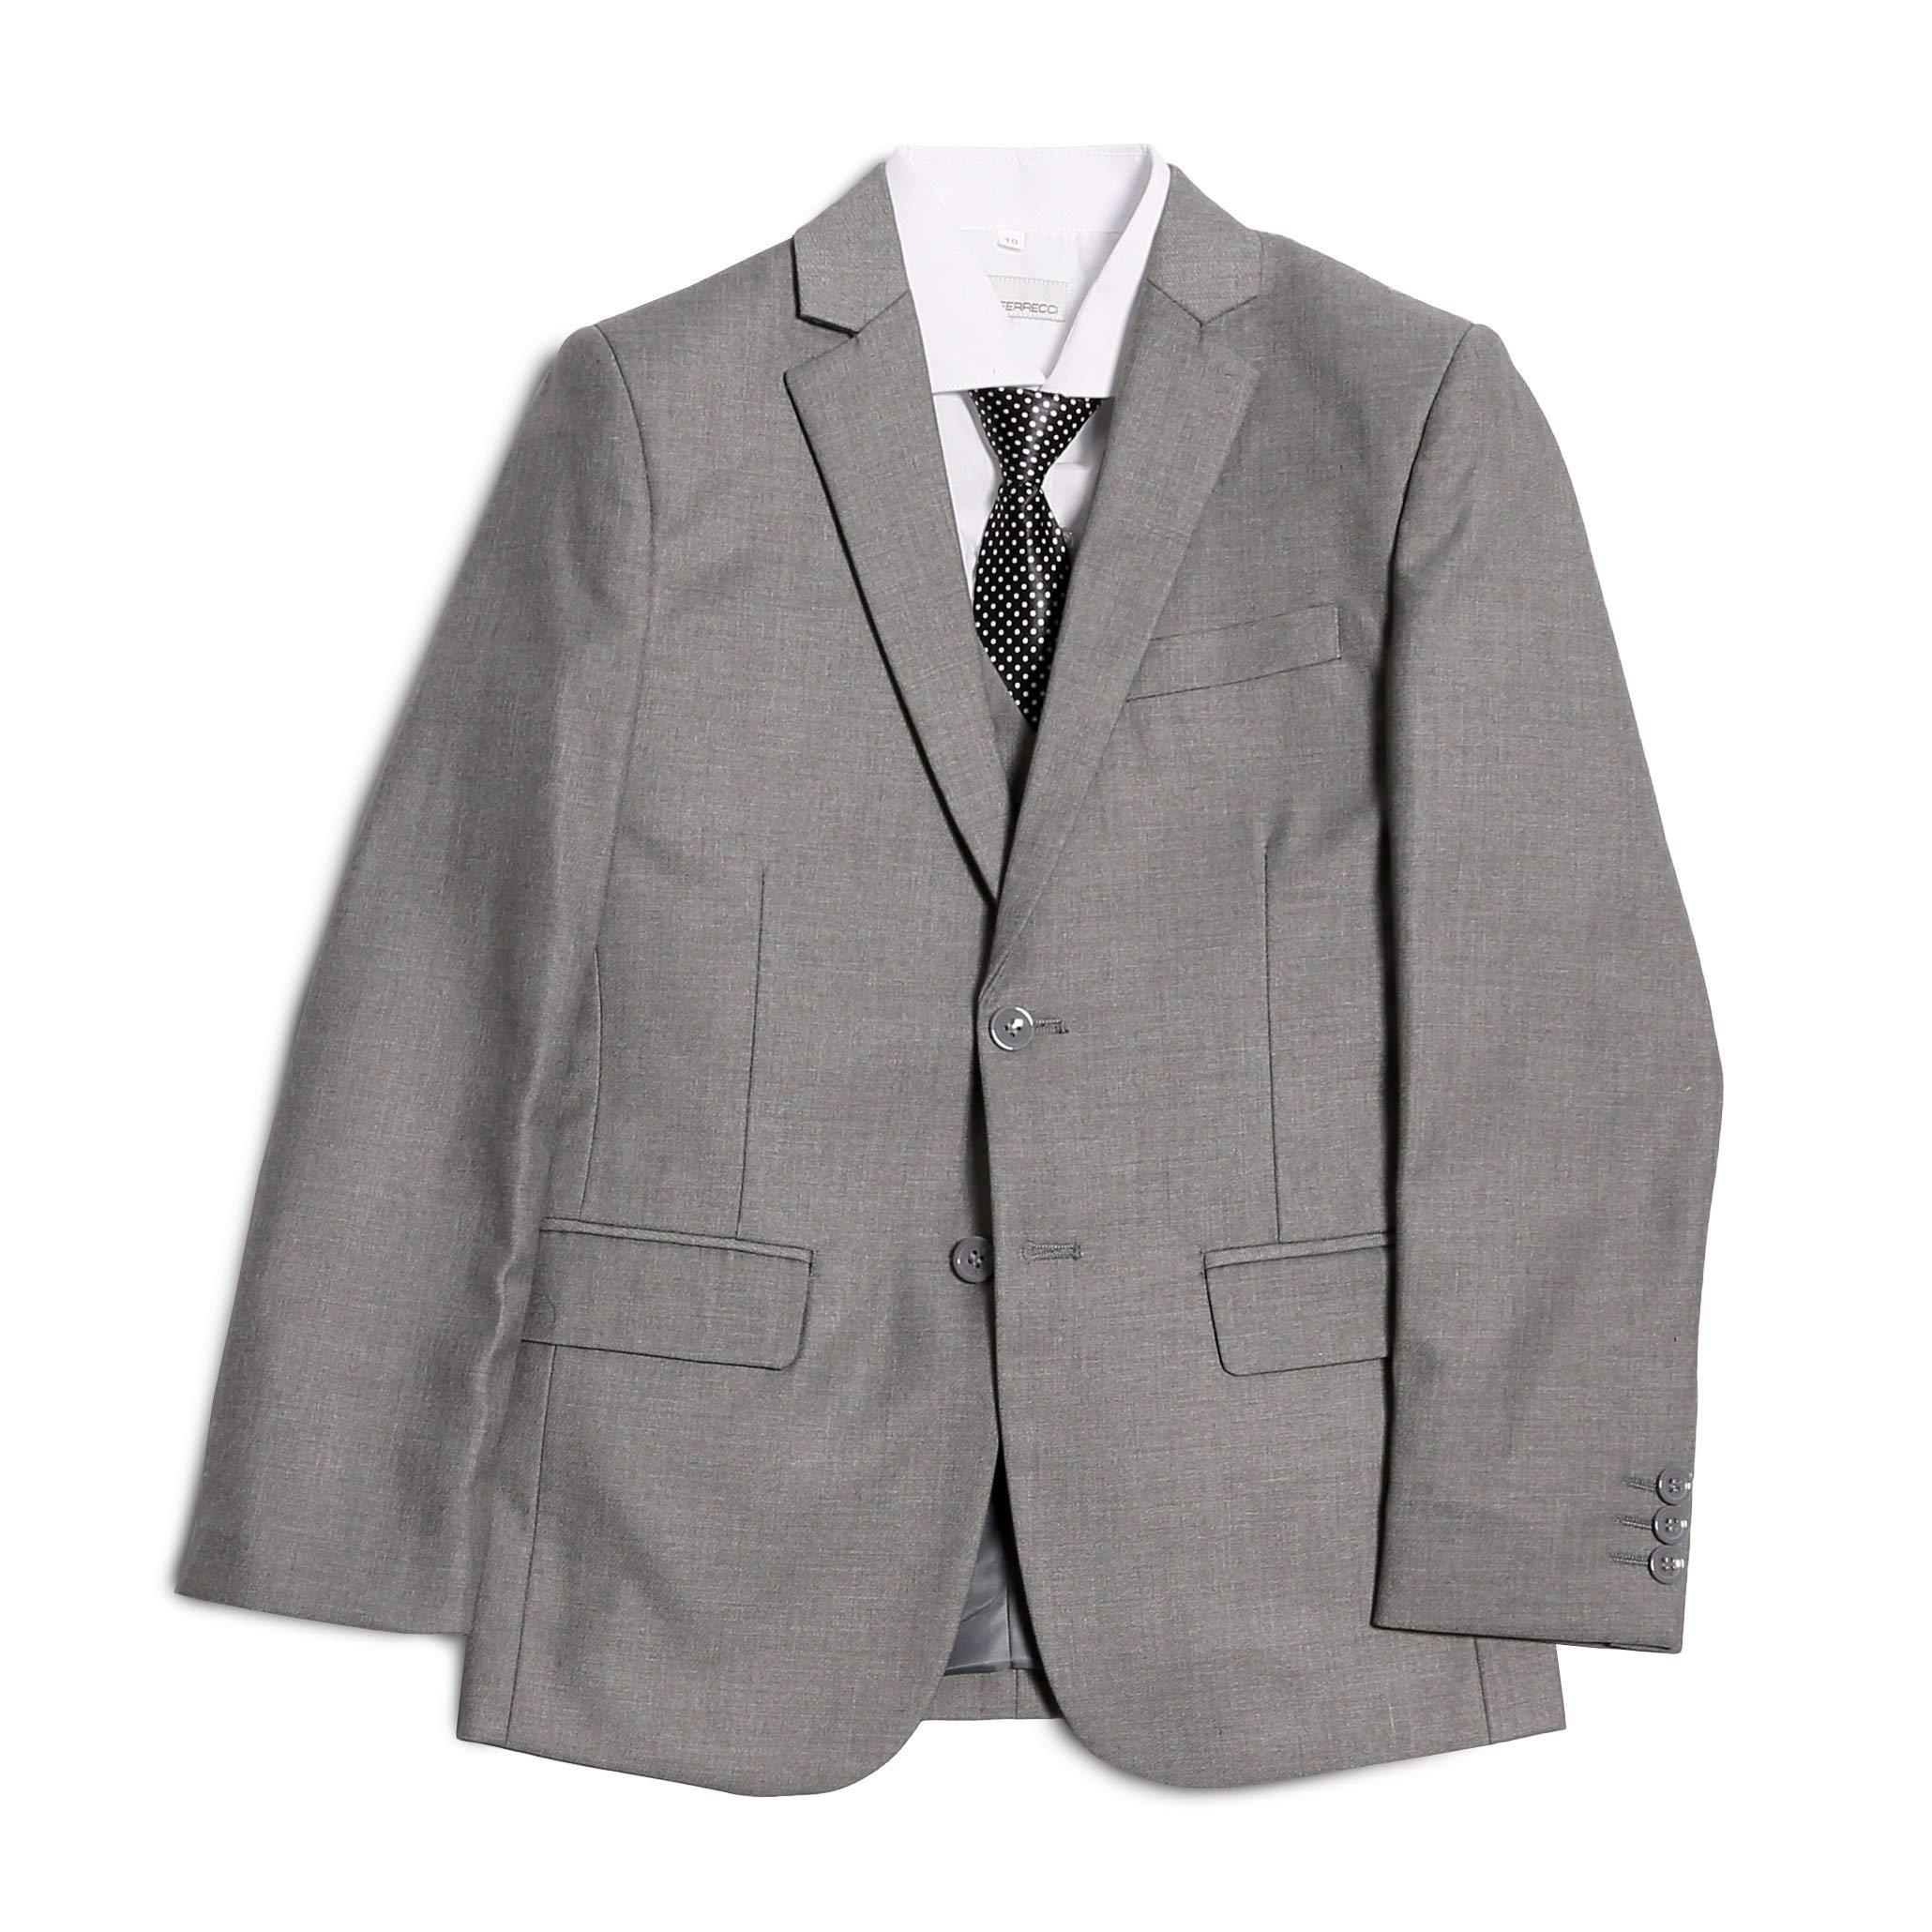 d4577f3925 Ferrecci Boys 5 Piece Suit Set - Blazer Jacket-Dress Pants-Vest ...